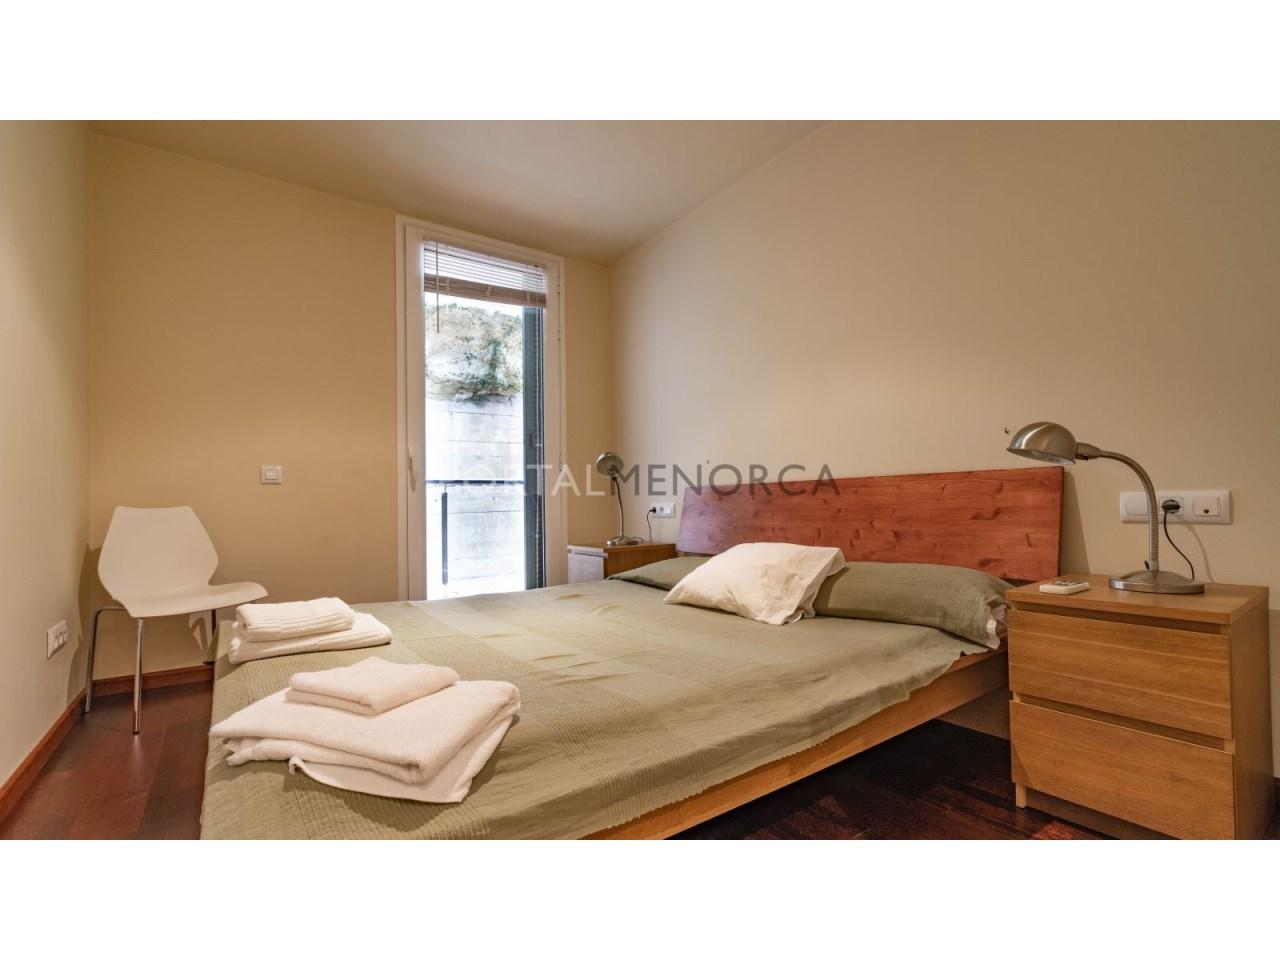 apartamento-venta-piso-menorca (2)